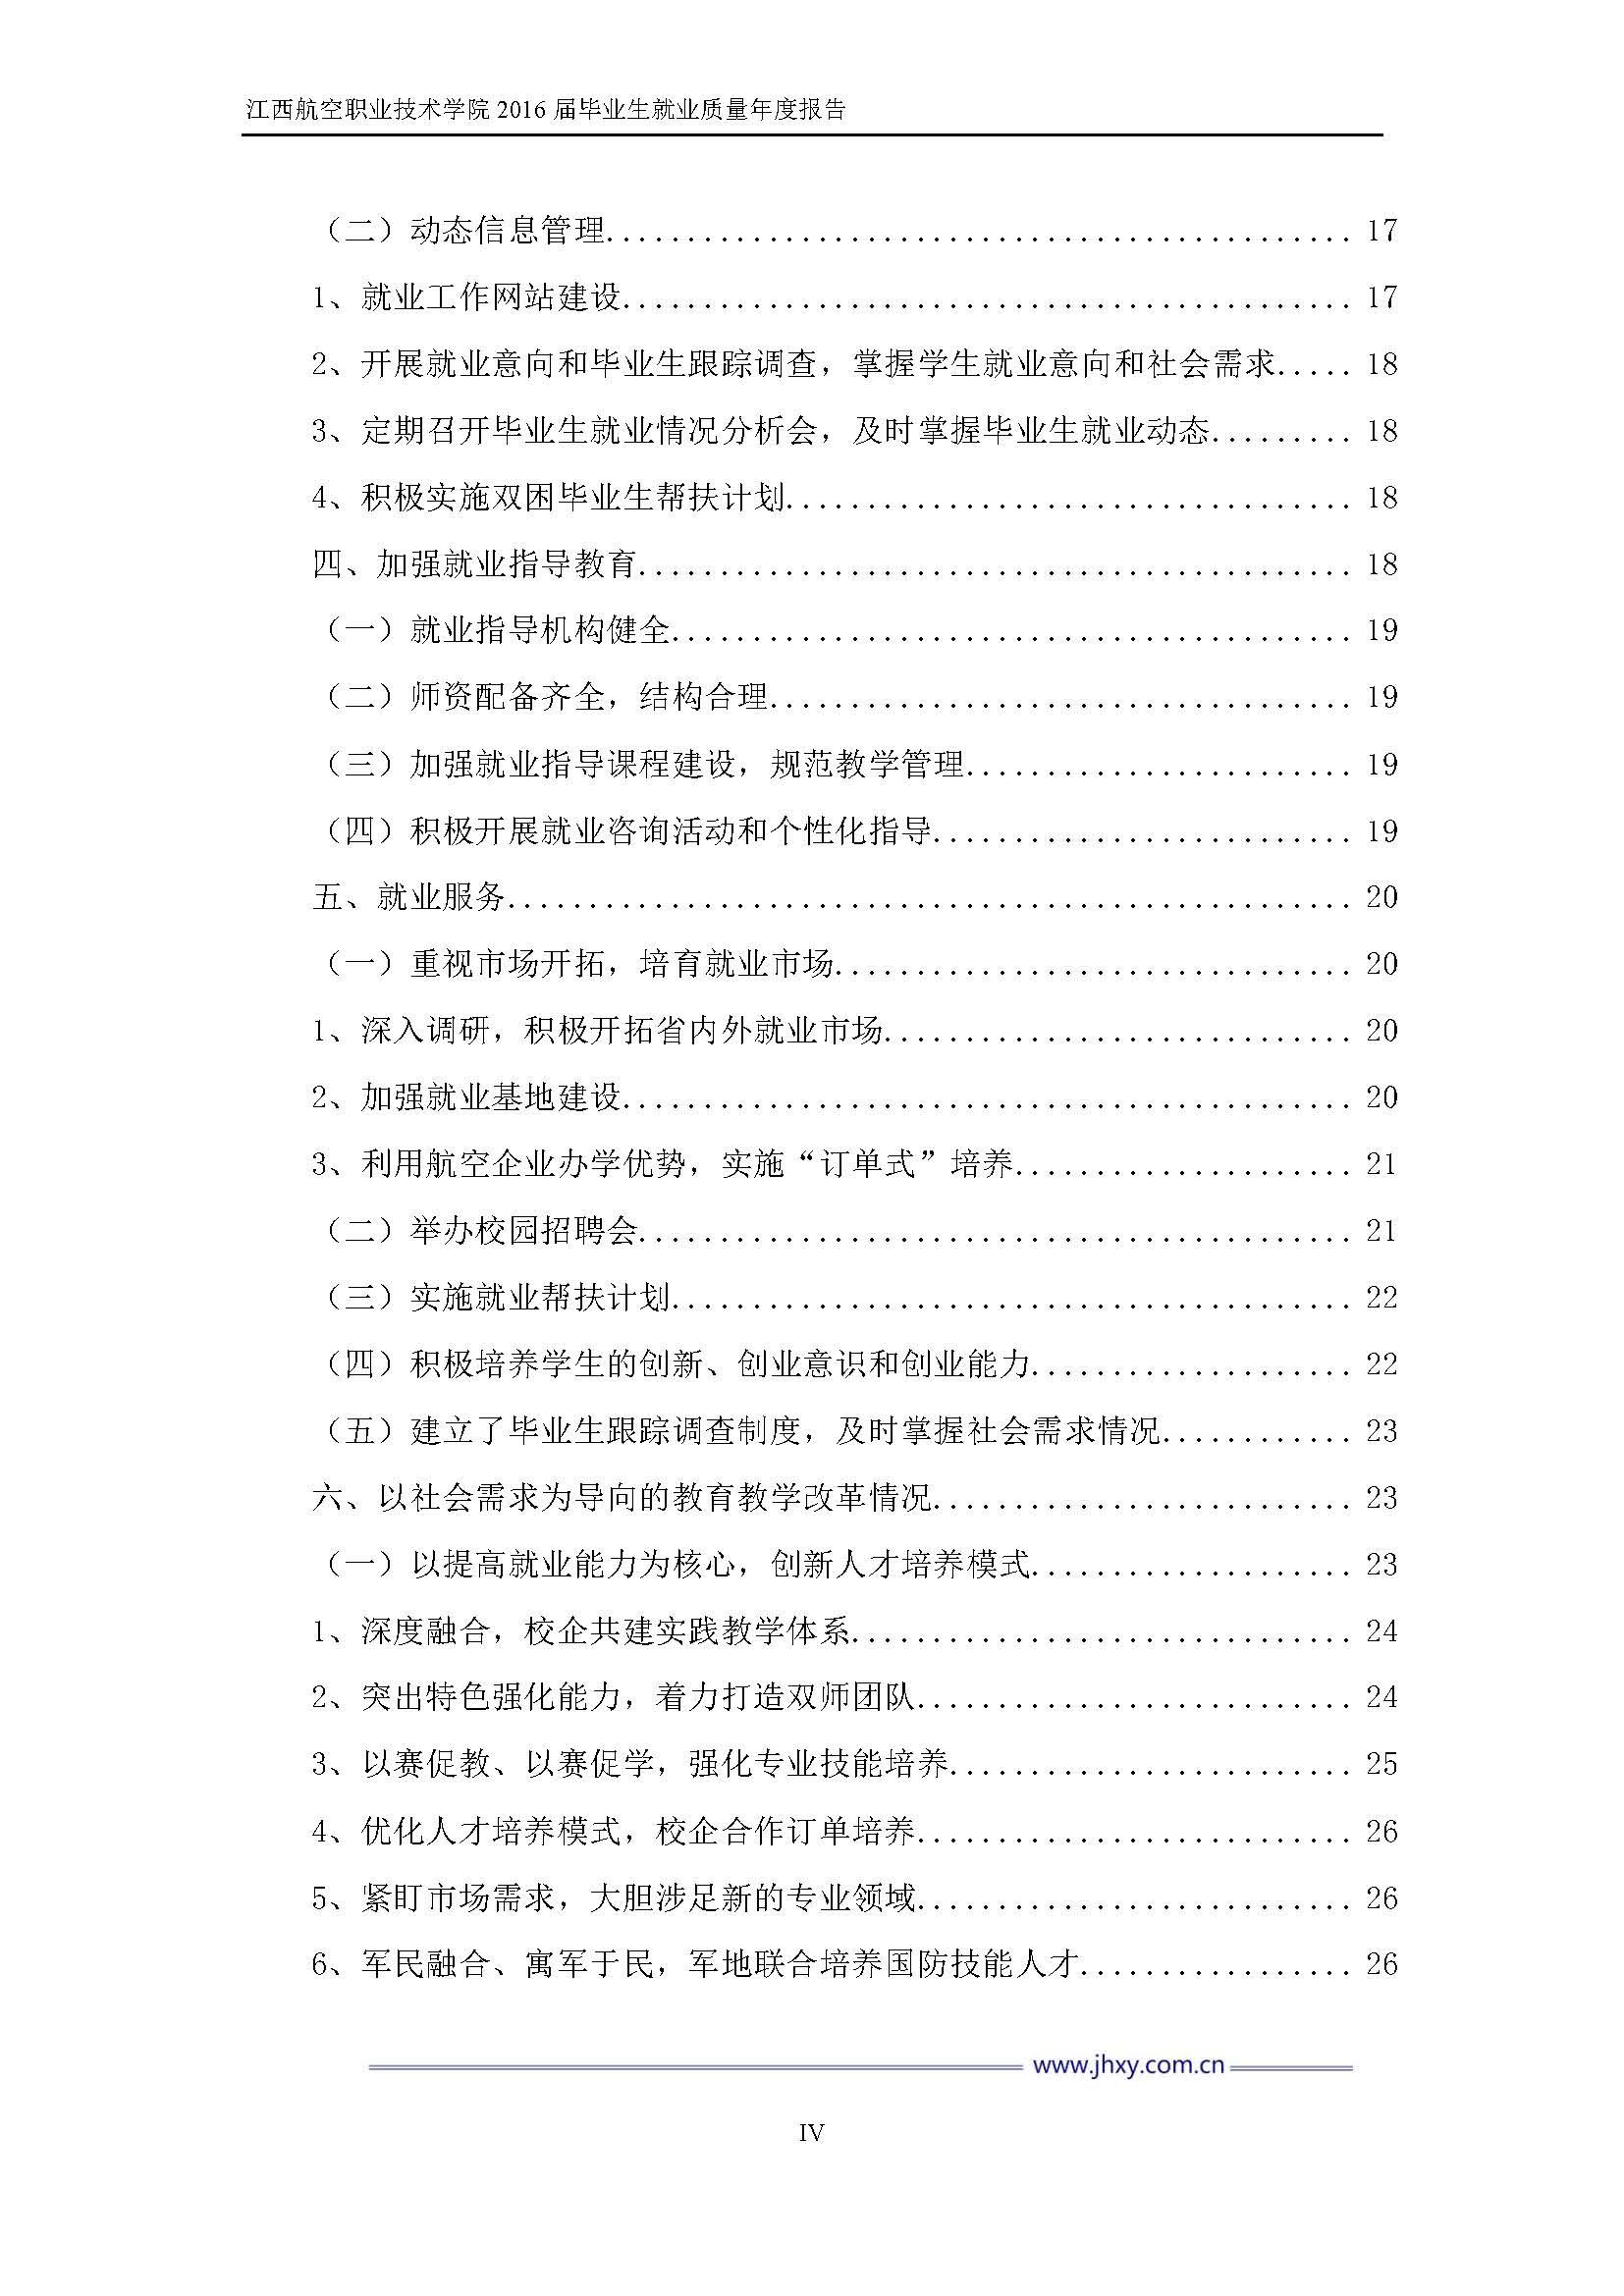 江西航空职业技术学院2016届毕业生就业质量年度报告_Page_05.jpg